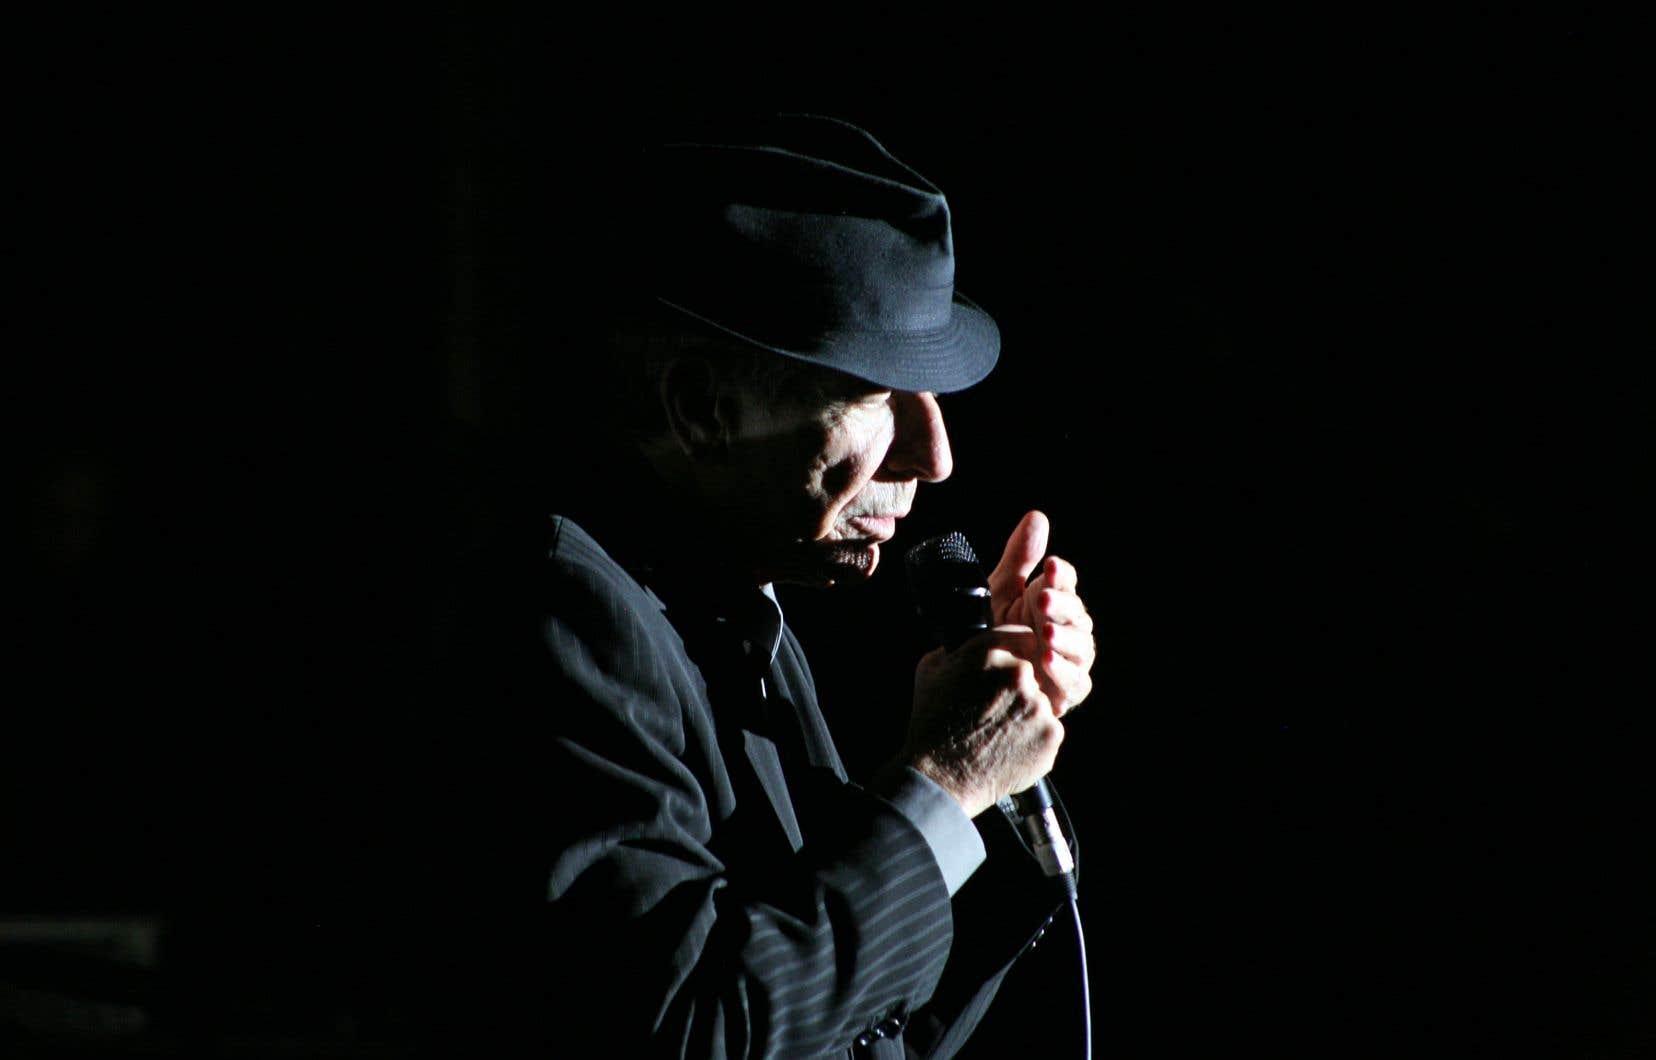 L'œuvre de Leonard Cohen est multiforme, elle dépasse les frontières entre les genres si bien qu'elle inspire des créateurs de tous les horizons.